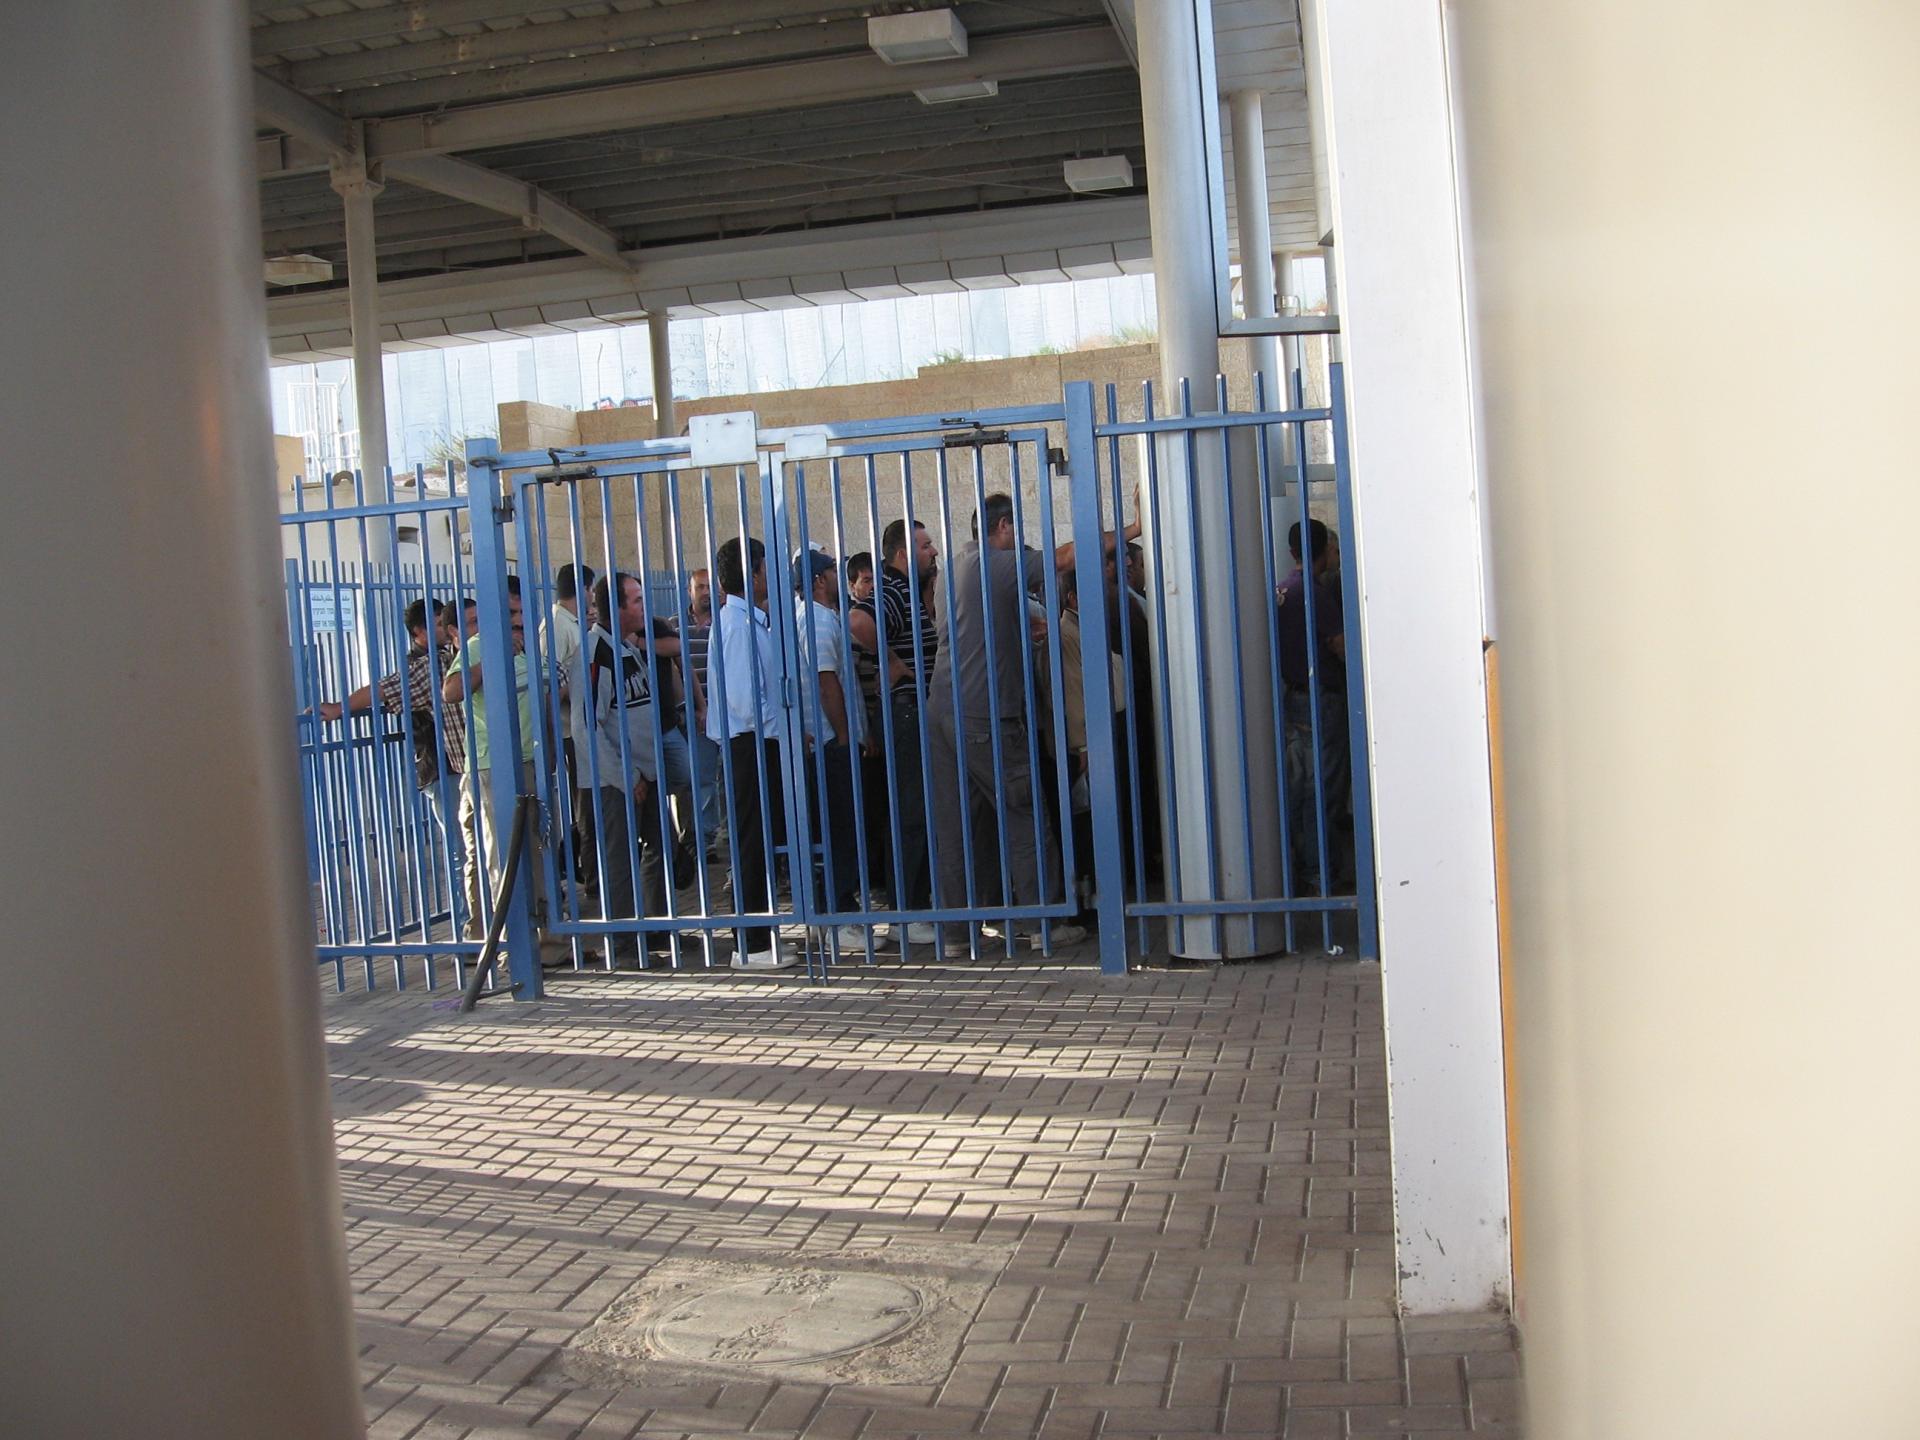 Ras Abu Sbeitan (Olives checkpoint) 14.10.10